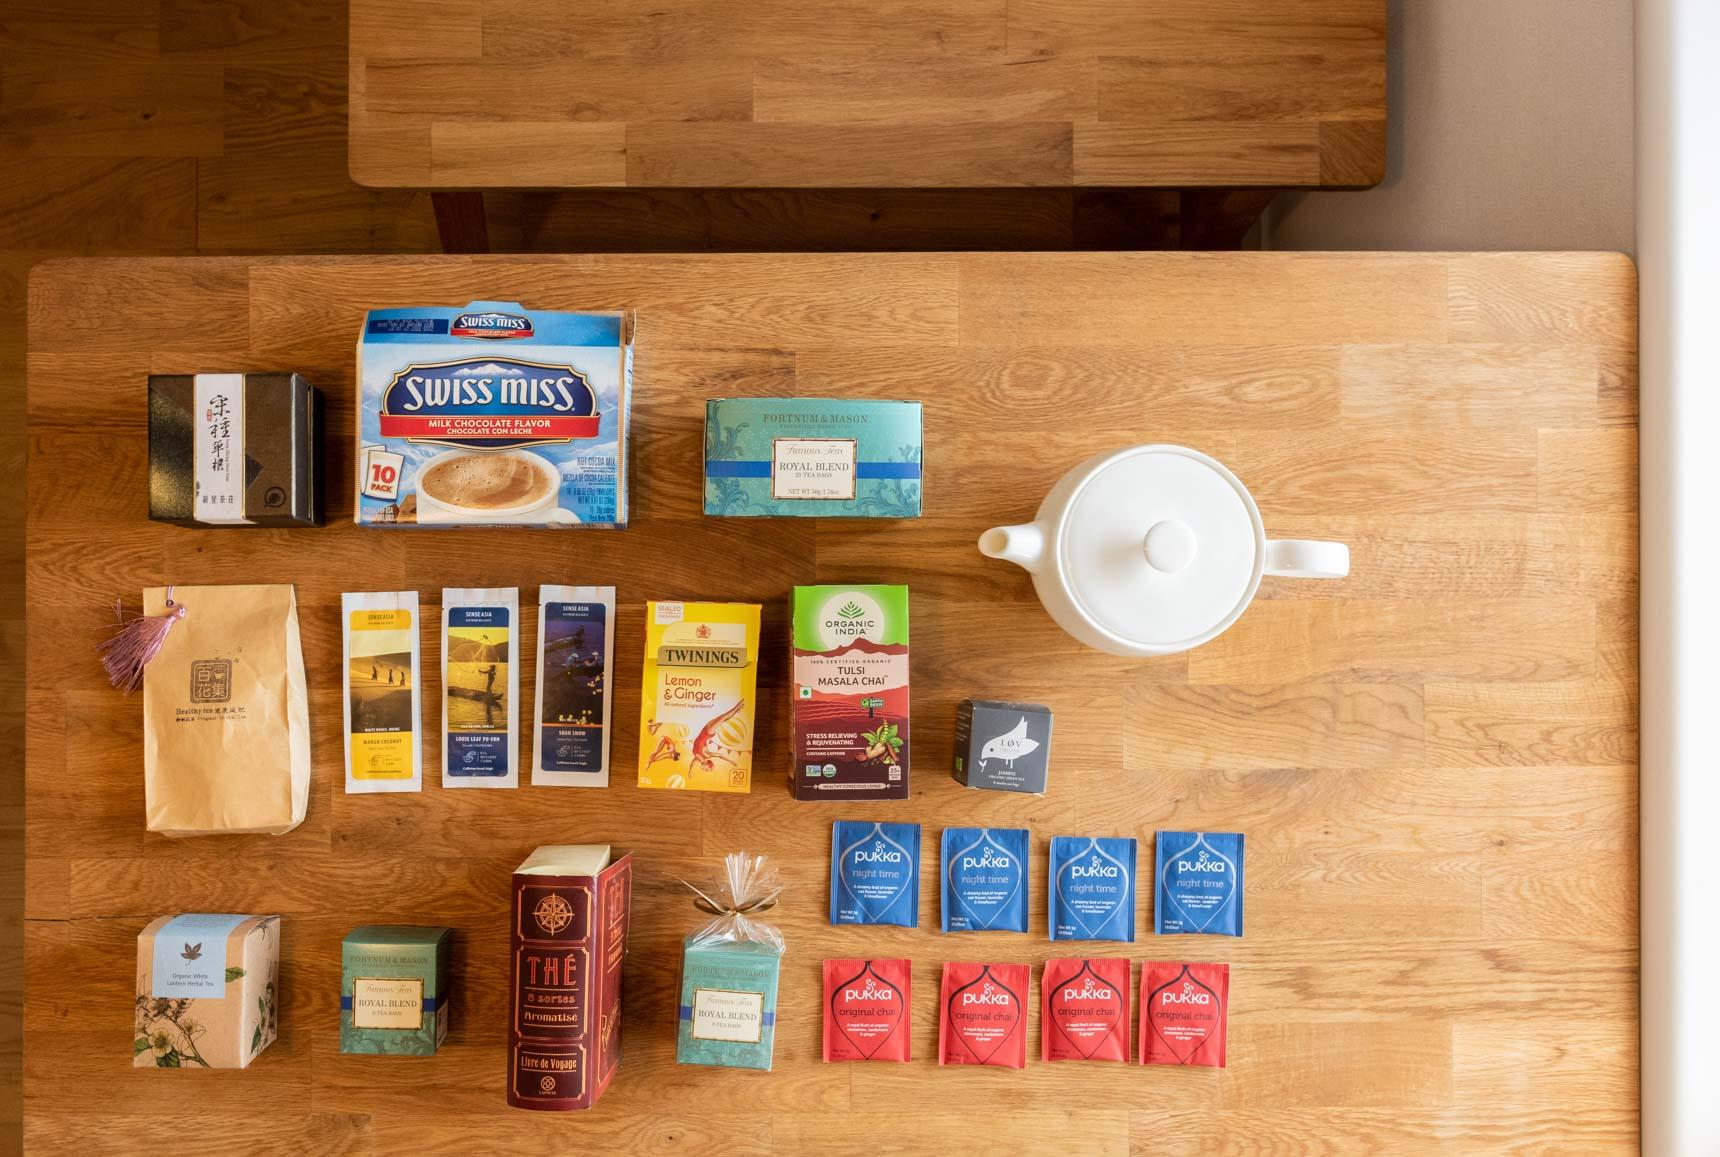 「集めているもの/集まってしまったもの」を並べてもらう、という本連載恒例行事は、紅茶のパッケージ。旅行先で買ったものの他に「お客さんが持ってきてくれたものが集まっちゃった」とのこと。良い手土産だなー、と思った。